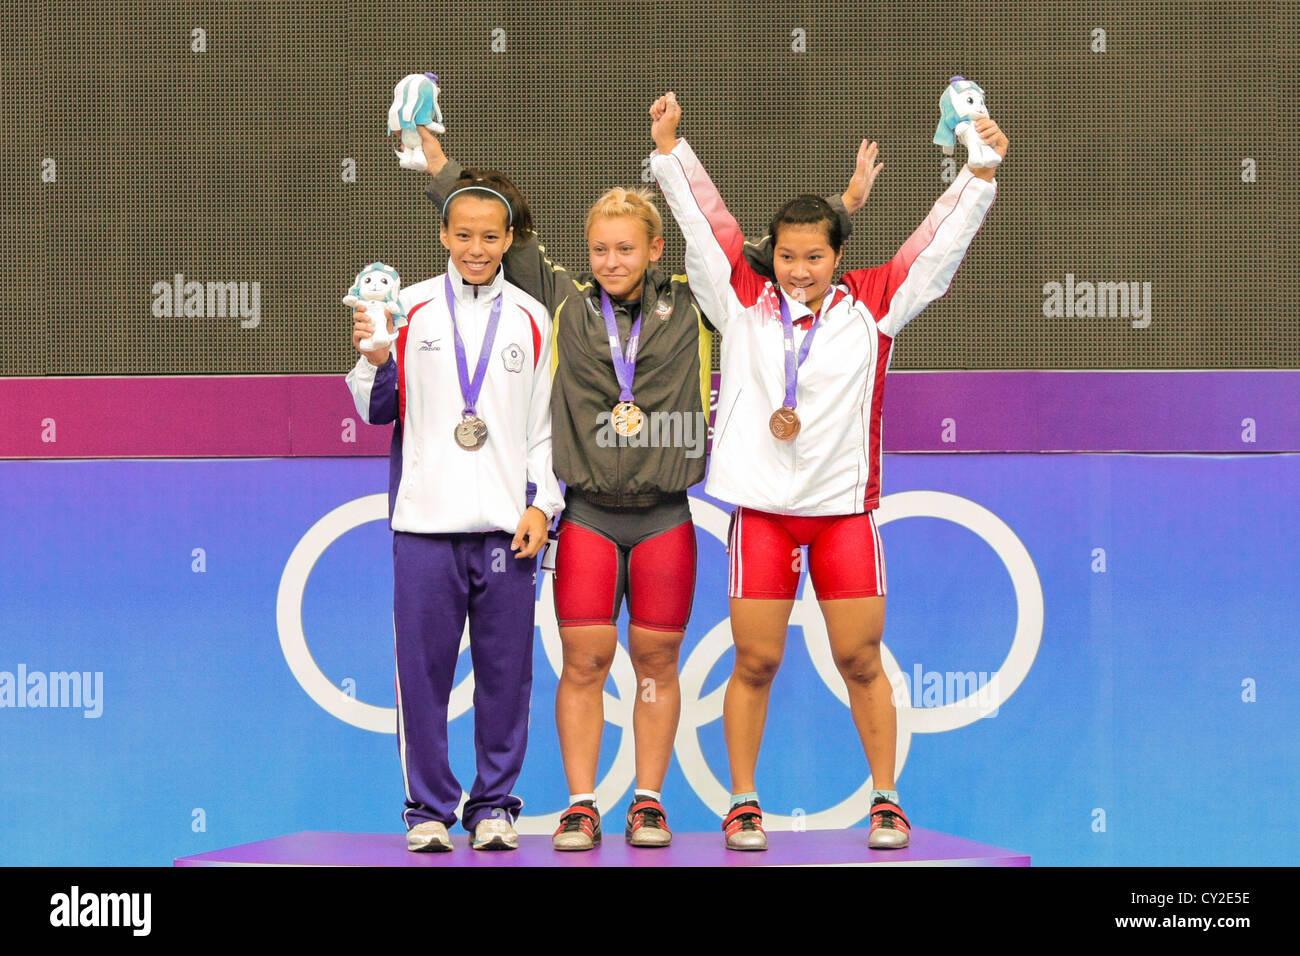 2010 Singapore Olimpiadi della Gioventù Femminile 53kg Sollevamento pesi Immagini Stock